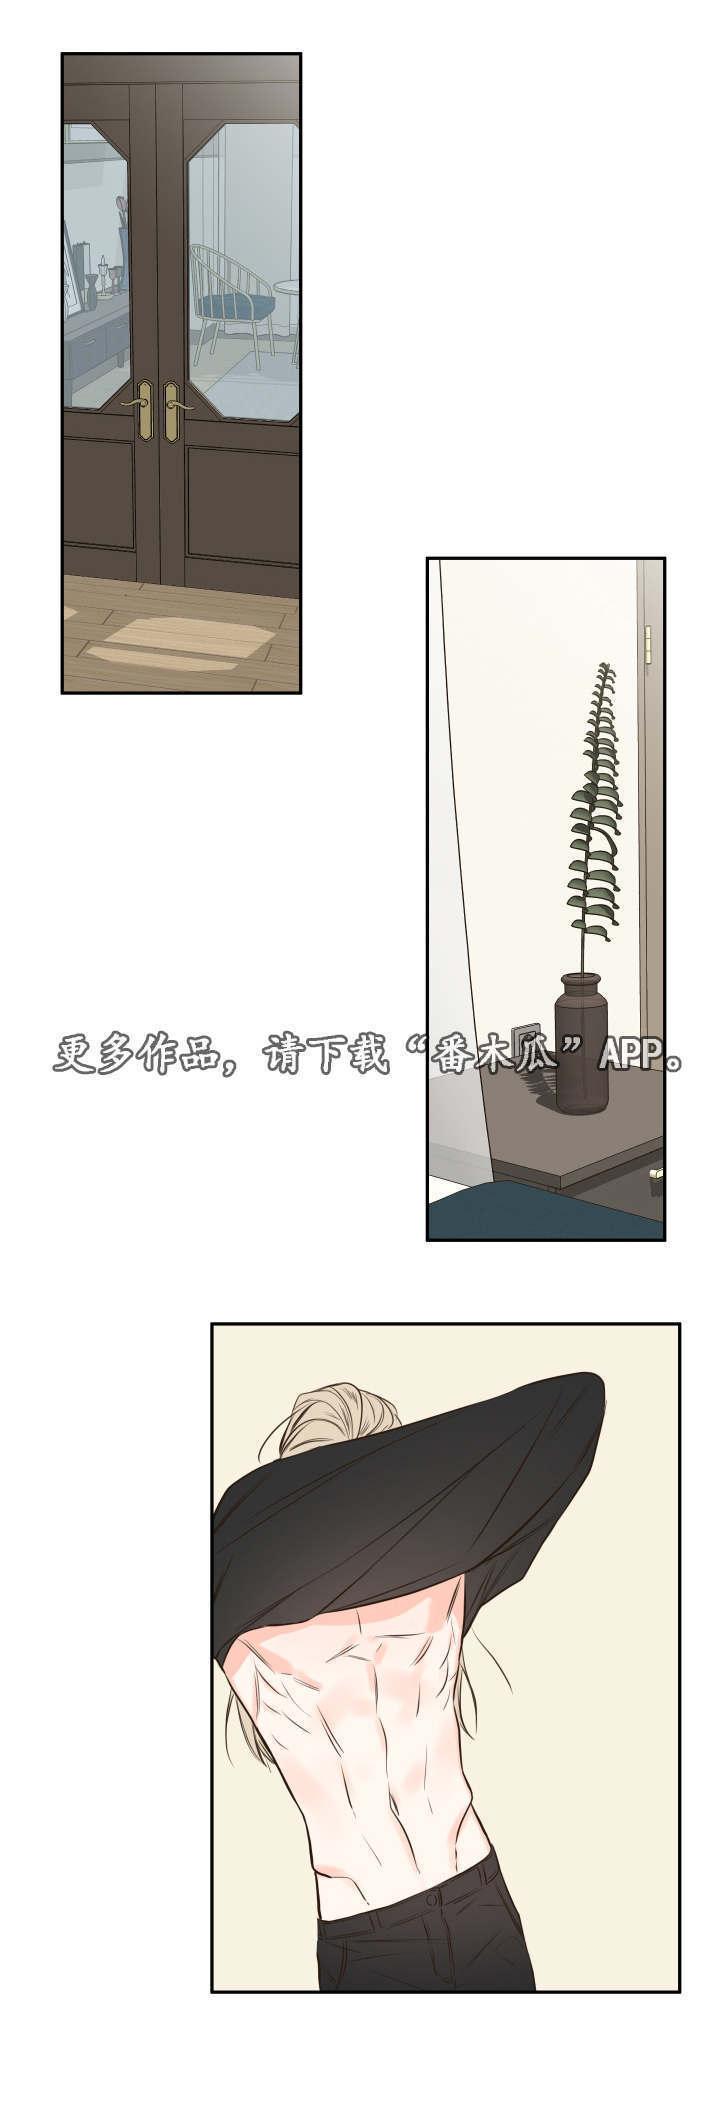 恋爱韩漫:《半血族》 第28-30话-天狐阅读